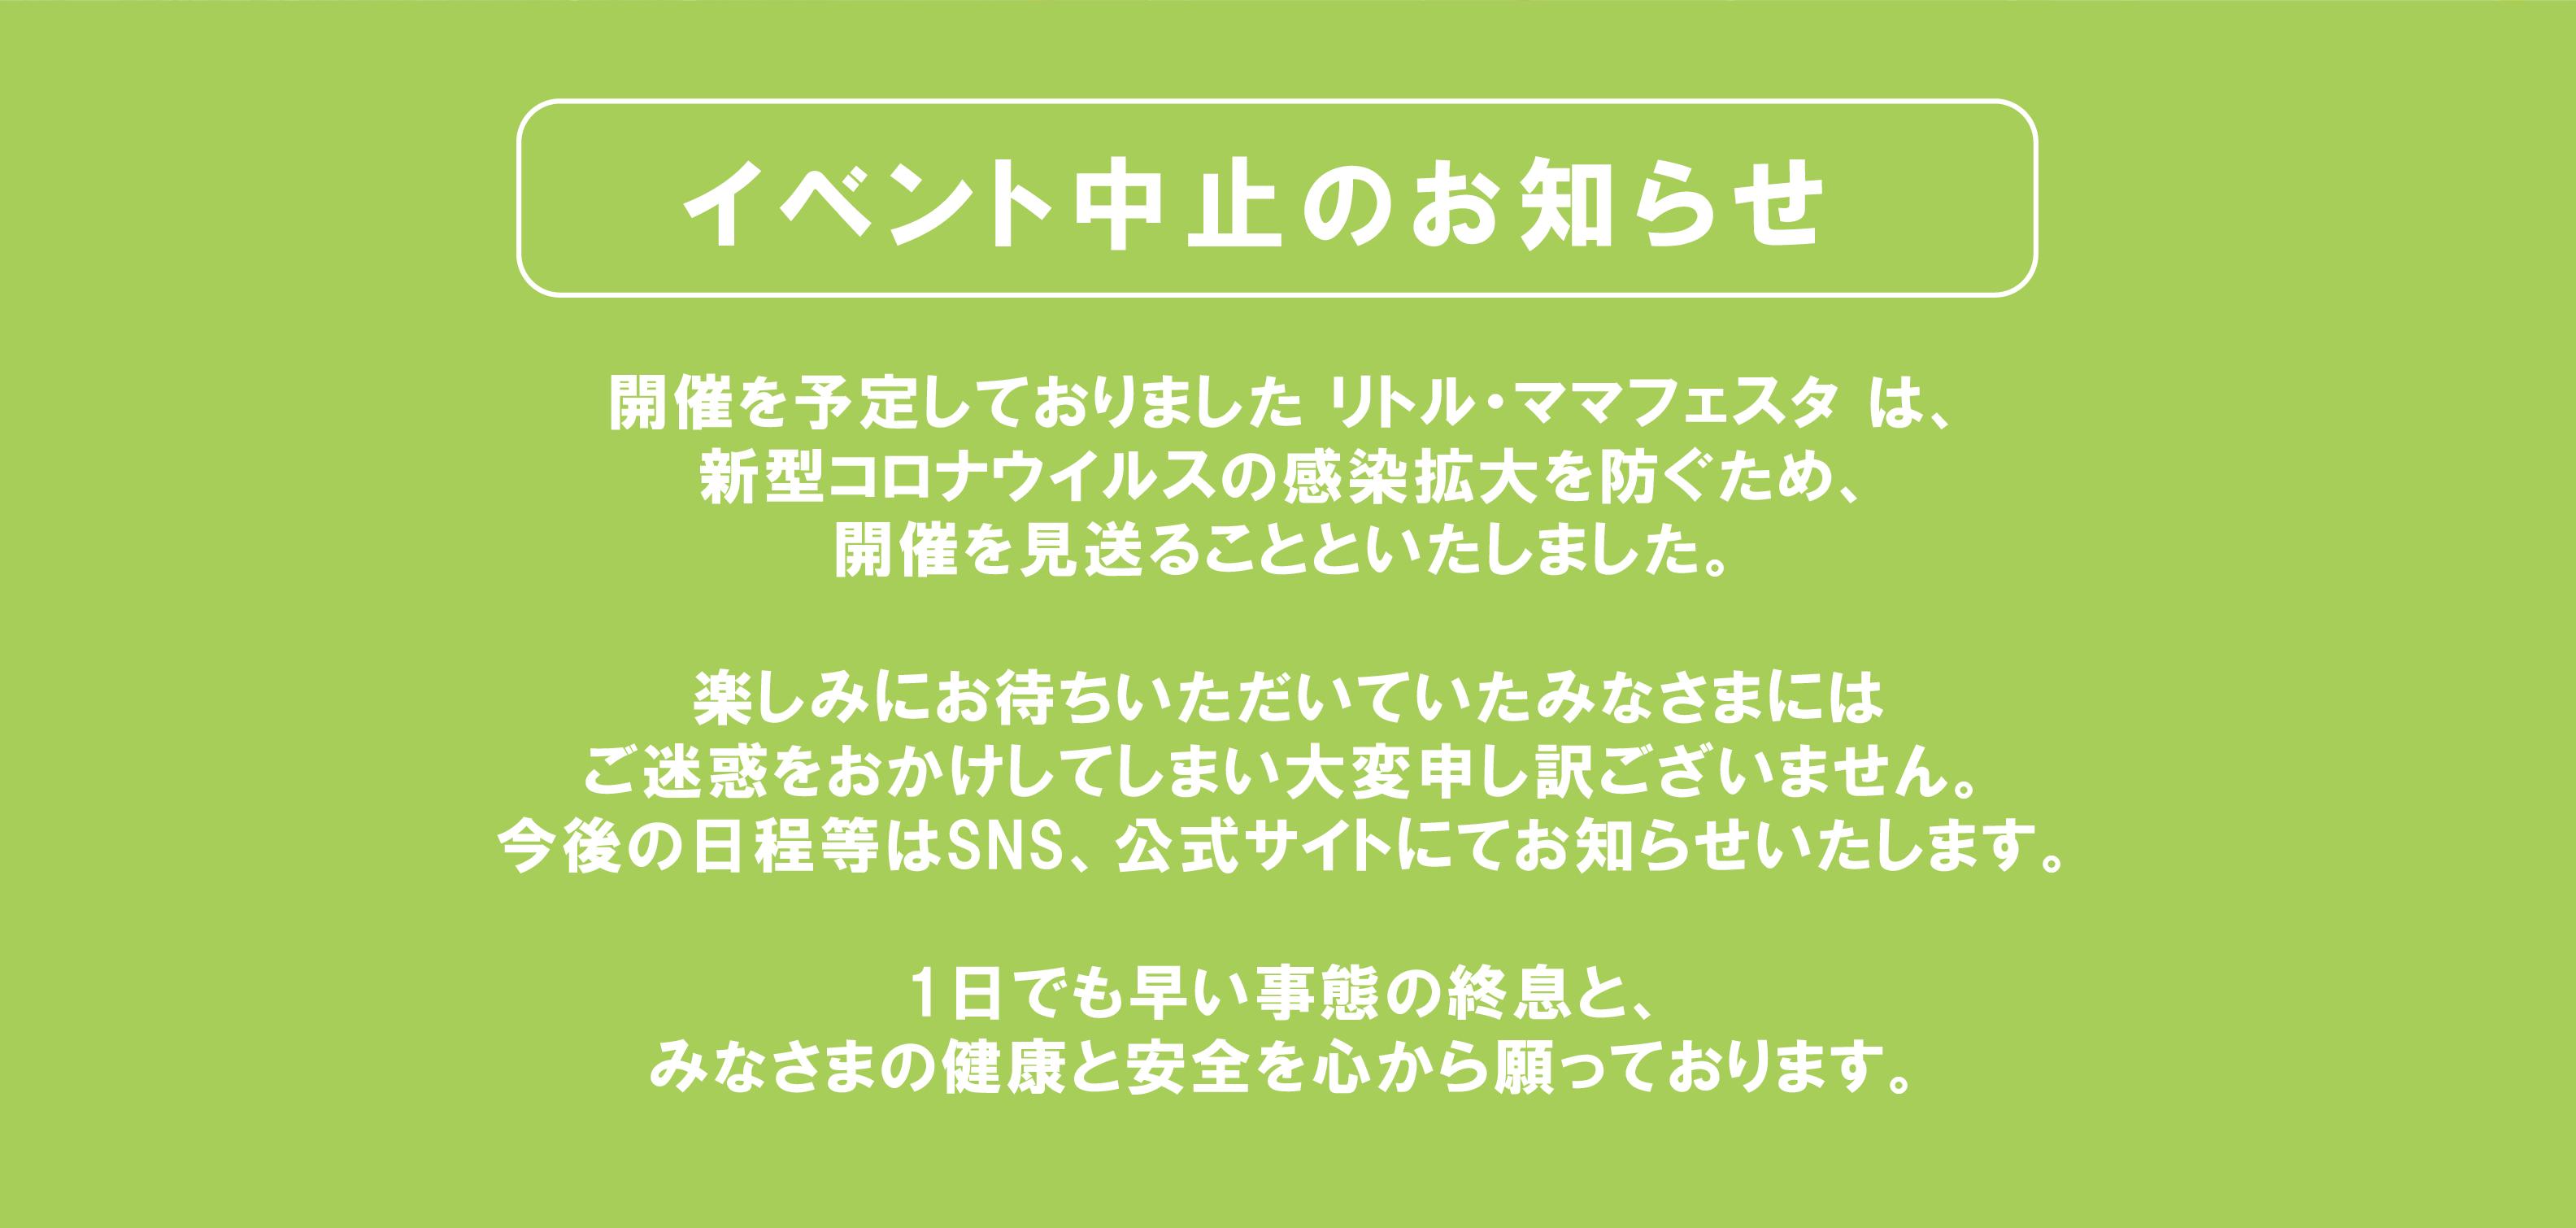 大阪 イベント 中止